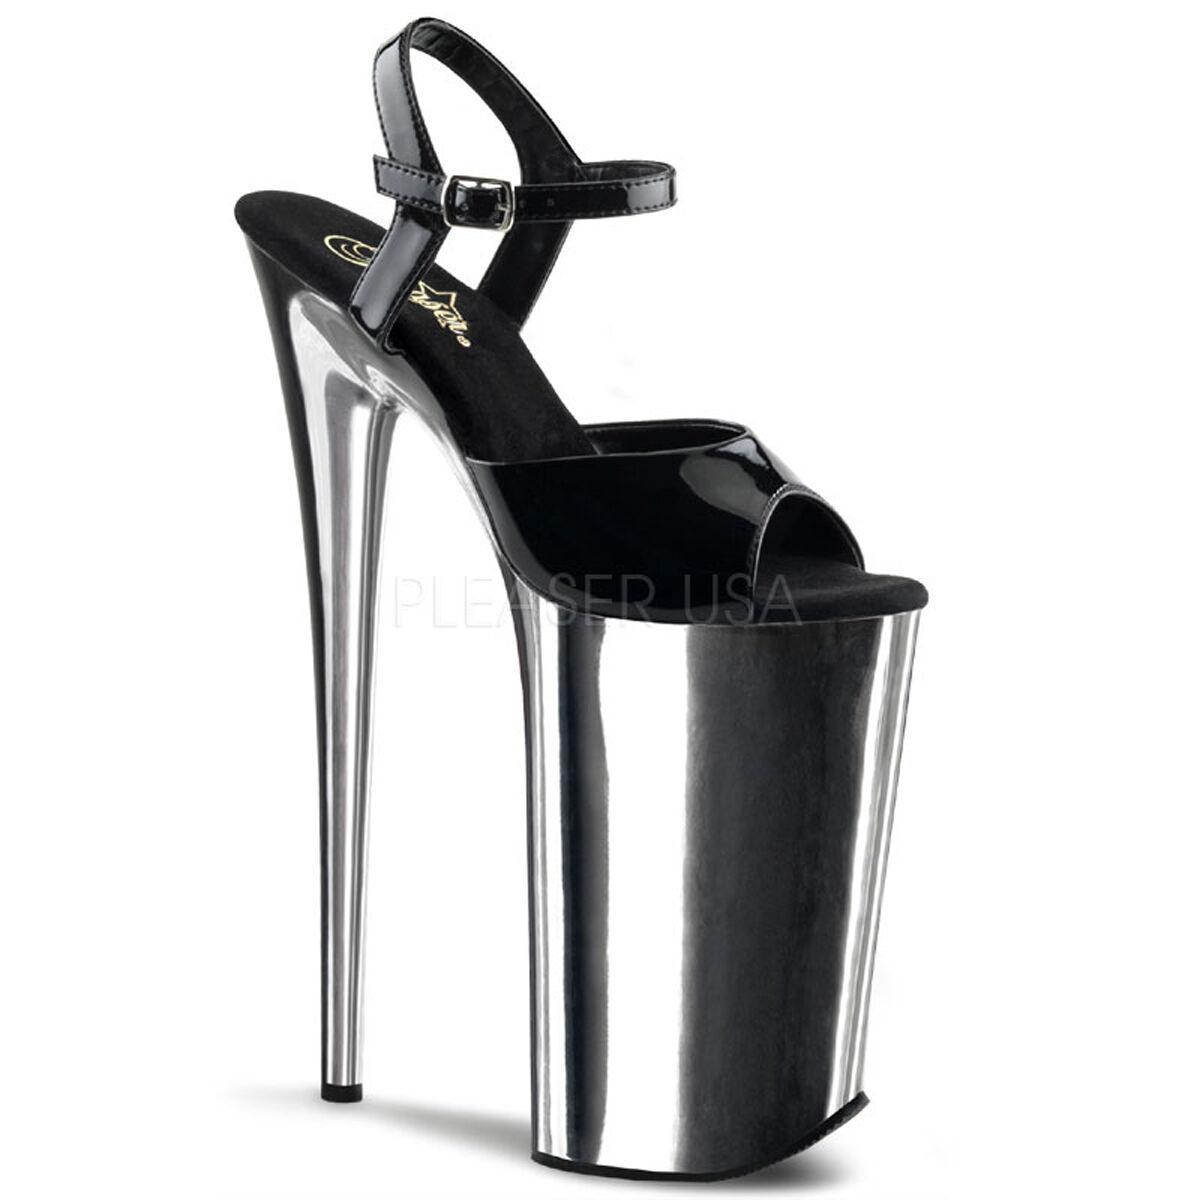 PLEASER BEY009 B SCH Sexy argent Chrome Chrome Chrome Platform 10  High Heels chaussures Sandals 9b3598